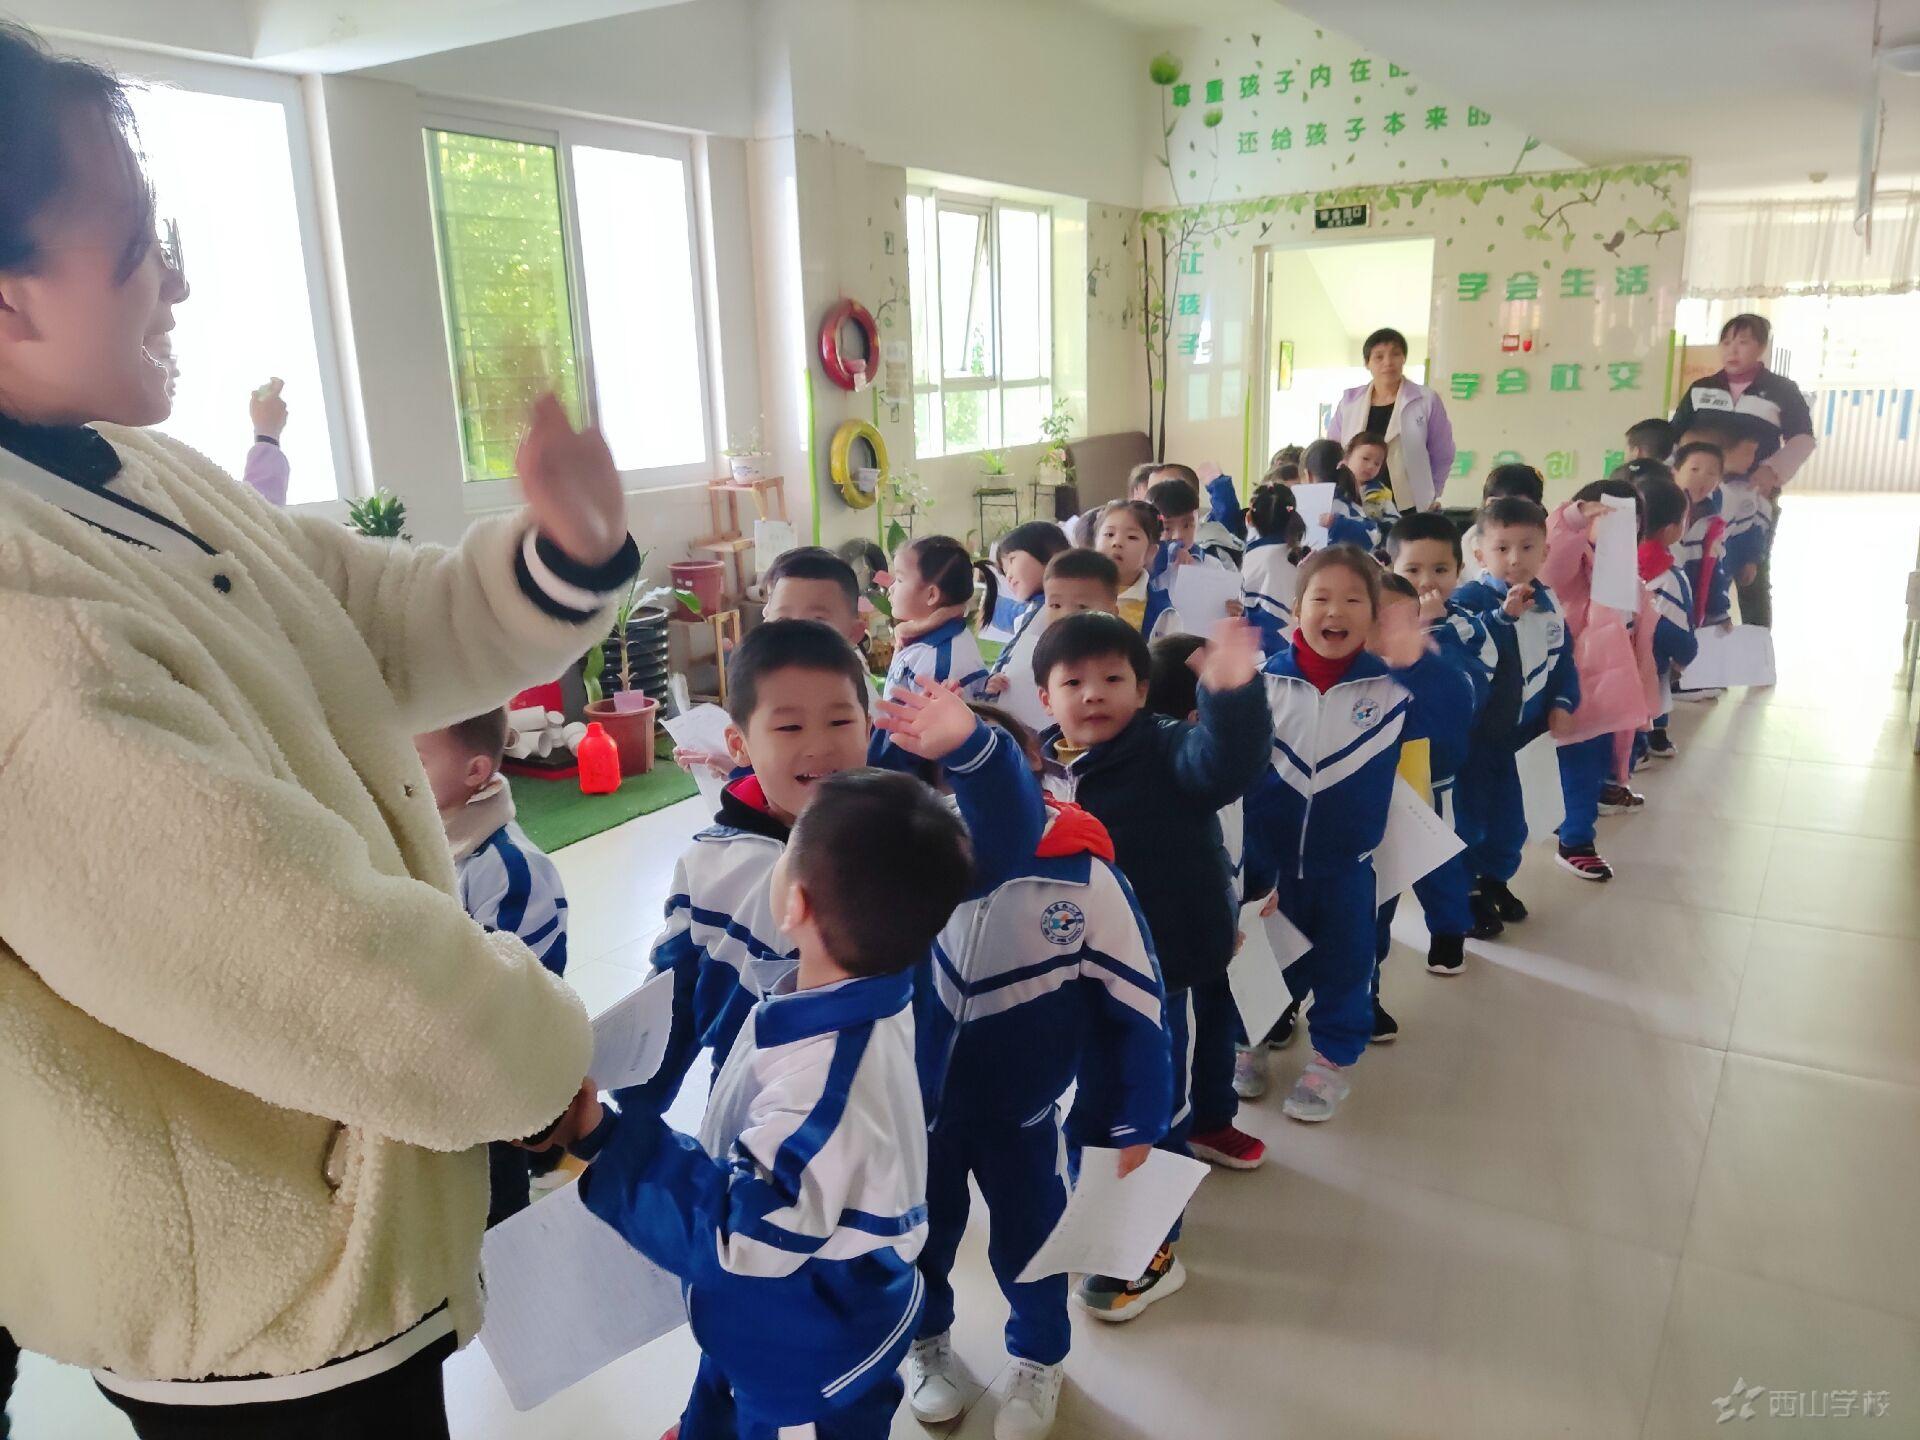 健康体检爱心护航——福清西山学校幼儿园健康体检活动